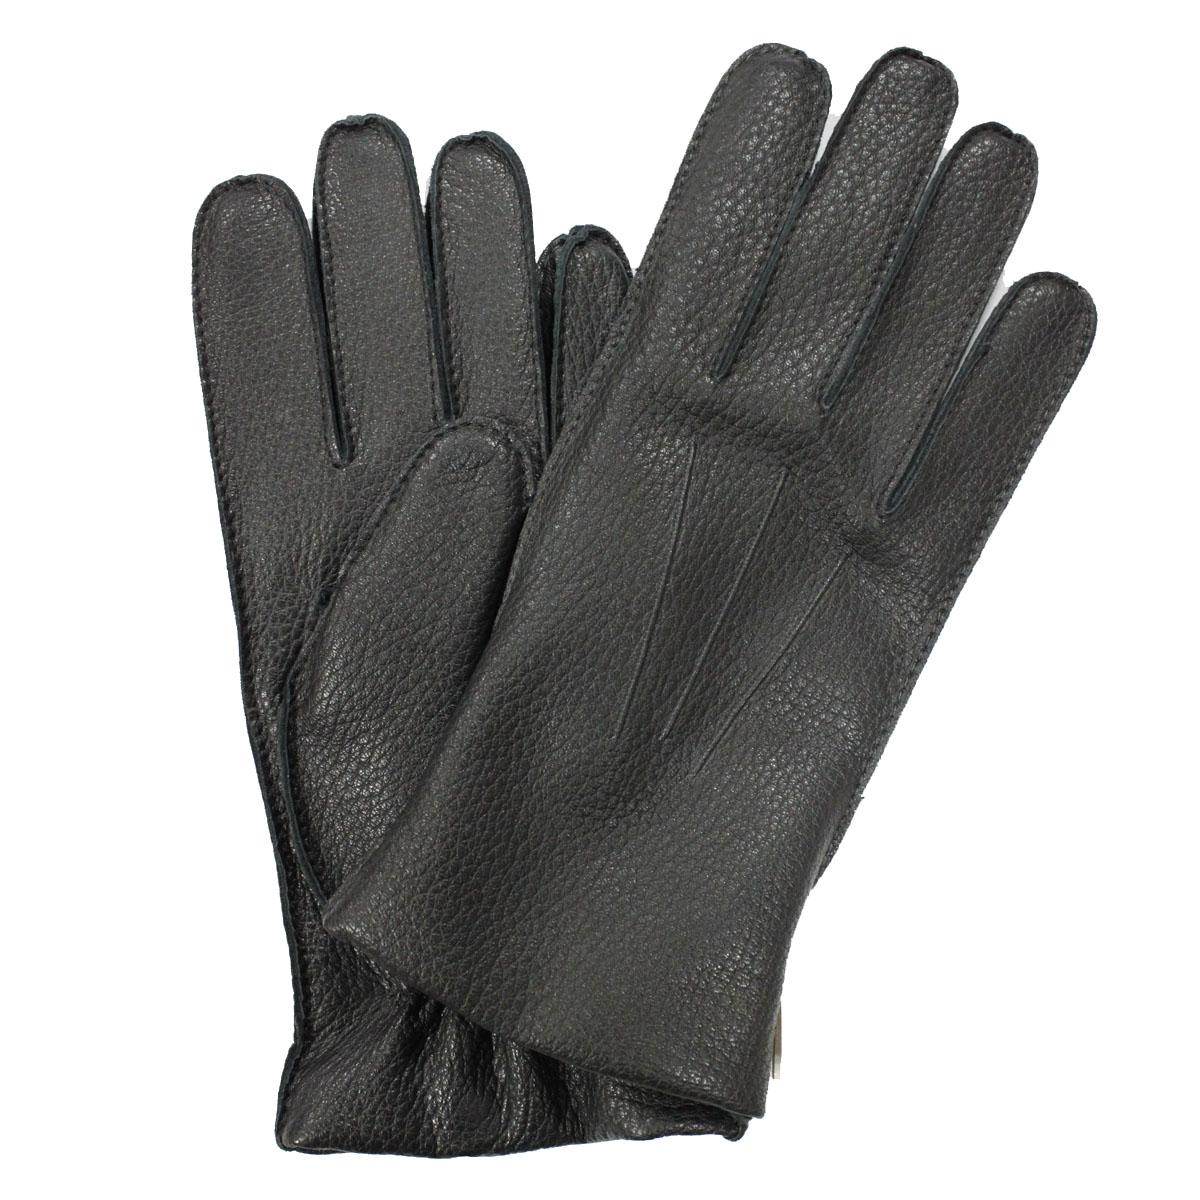 Перчатки мужские на шерсти. Э-4M_5аЭ-4M_5аСтильные мужские перчатки Edmins не только защитят ваши руки от холода, но и станут великолепным украшением. Перчатки выполнены из чрезвычайно мягкой и приятной на ощупь натуральной кожи оленя, а их подкладка - из шерсти. Перчатки станут завершающим и подчеркивающим элементом вашего стиля и неповторимости.